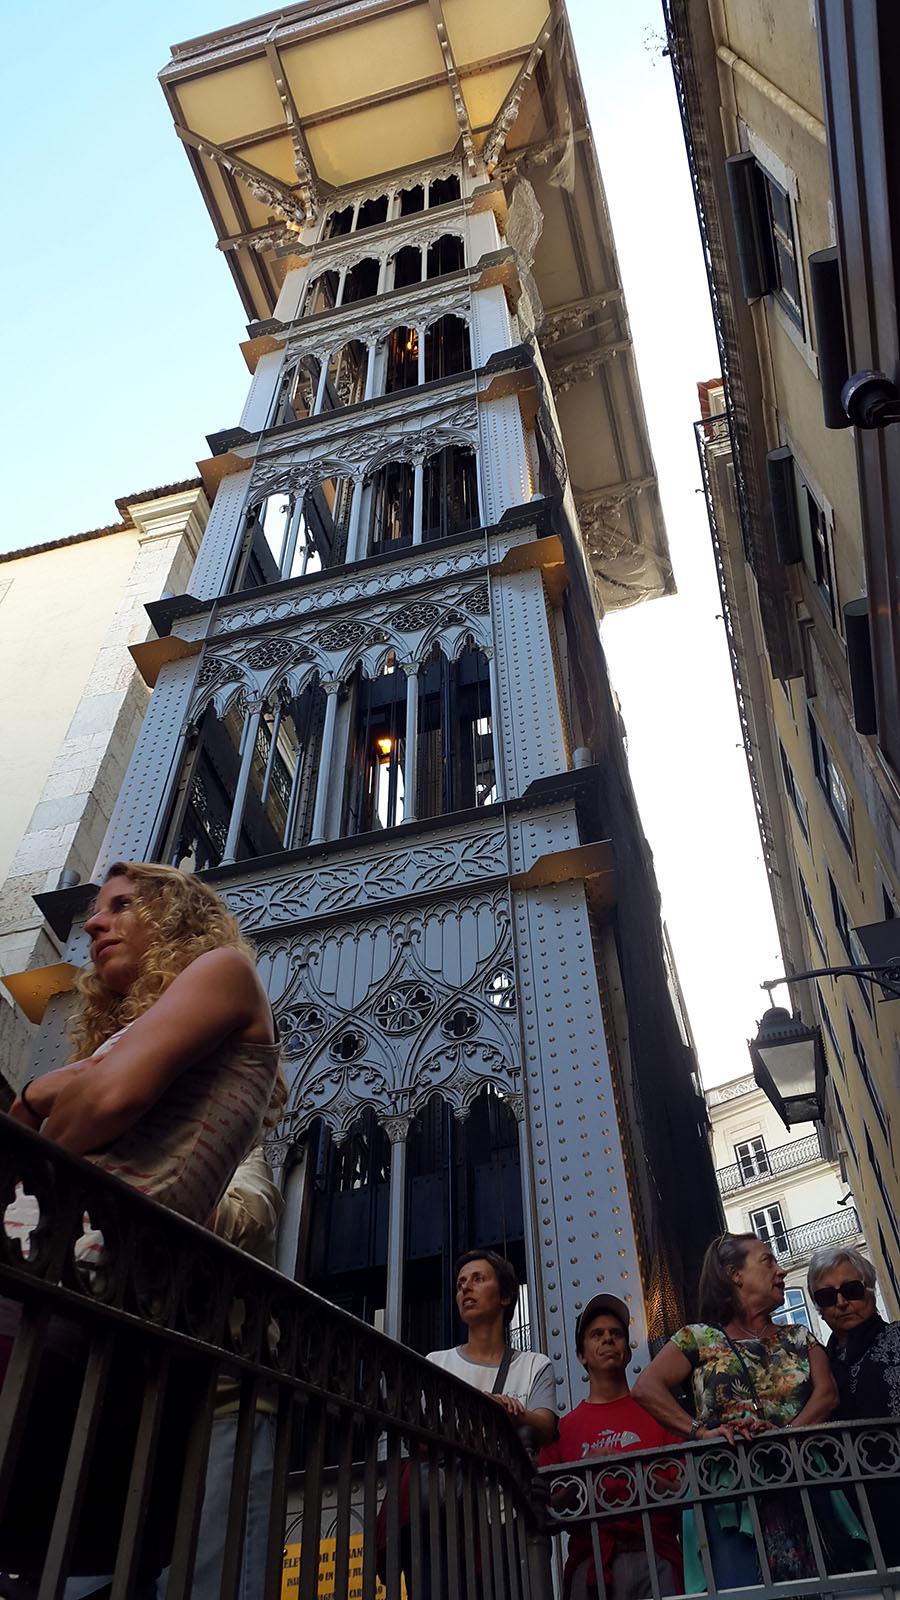 Santa Justo Lift - elevator in Lisbon